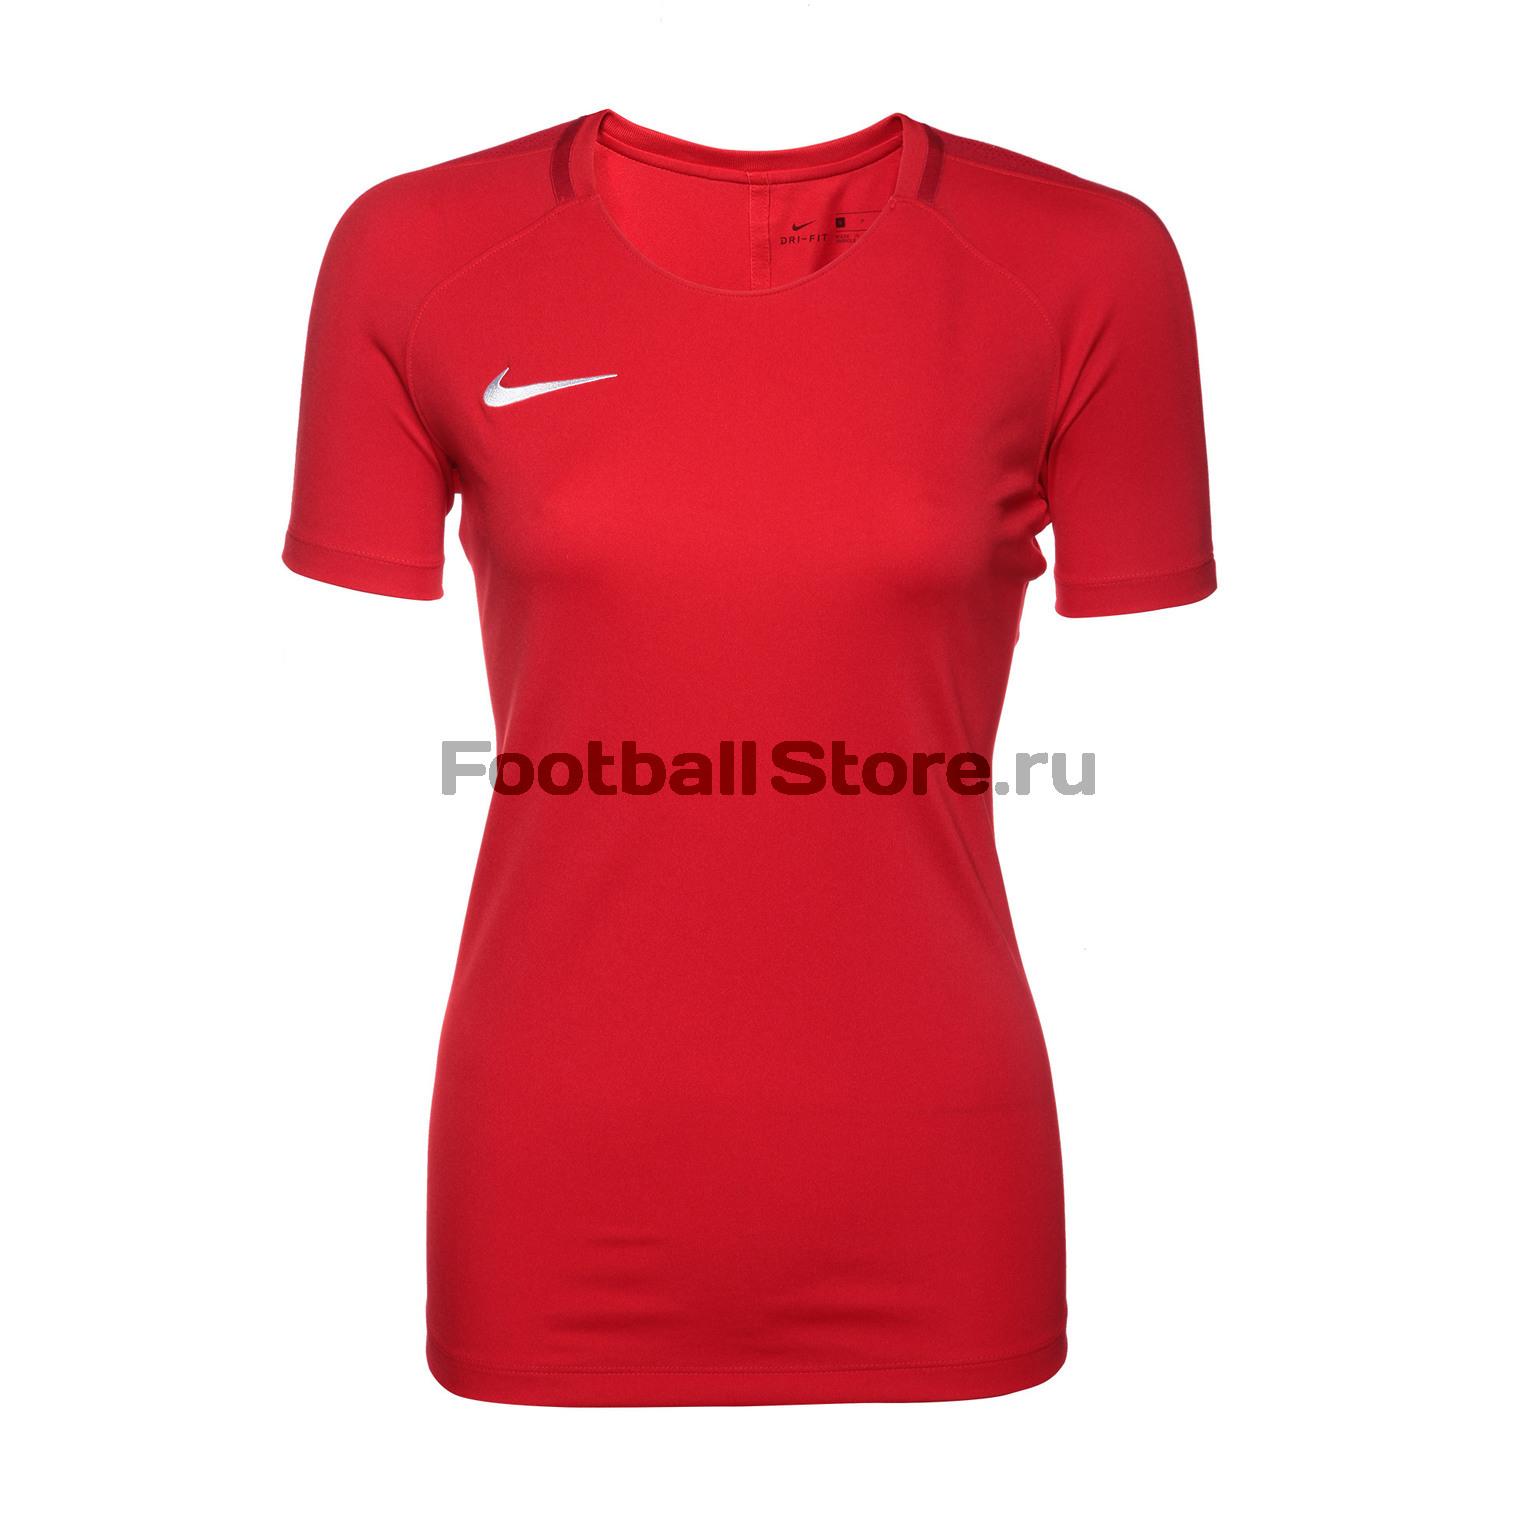 Футболка тренировочная женская Nike Academy 893741-657 футболка тренировочная женская nike academy 893741 361